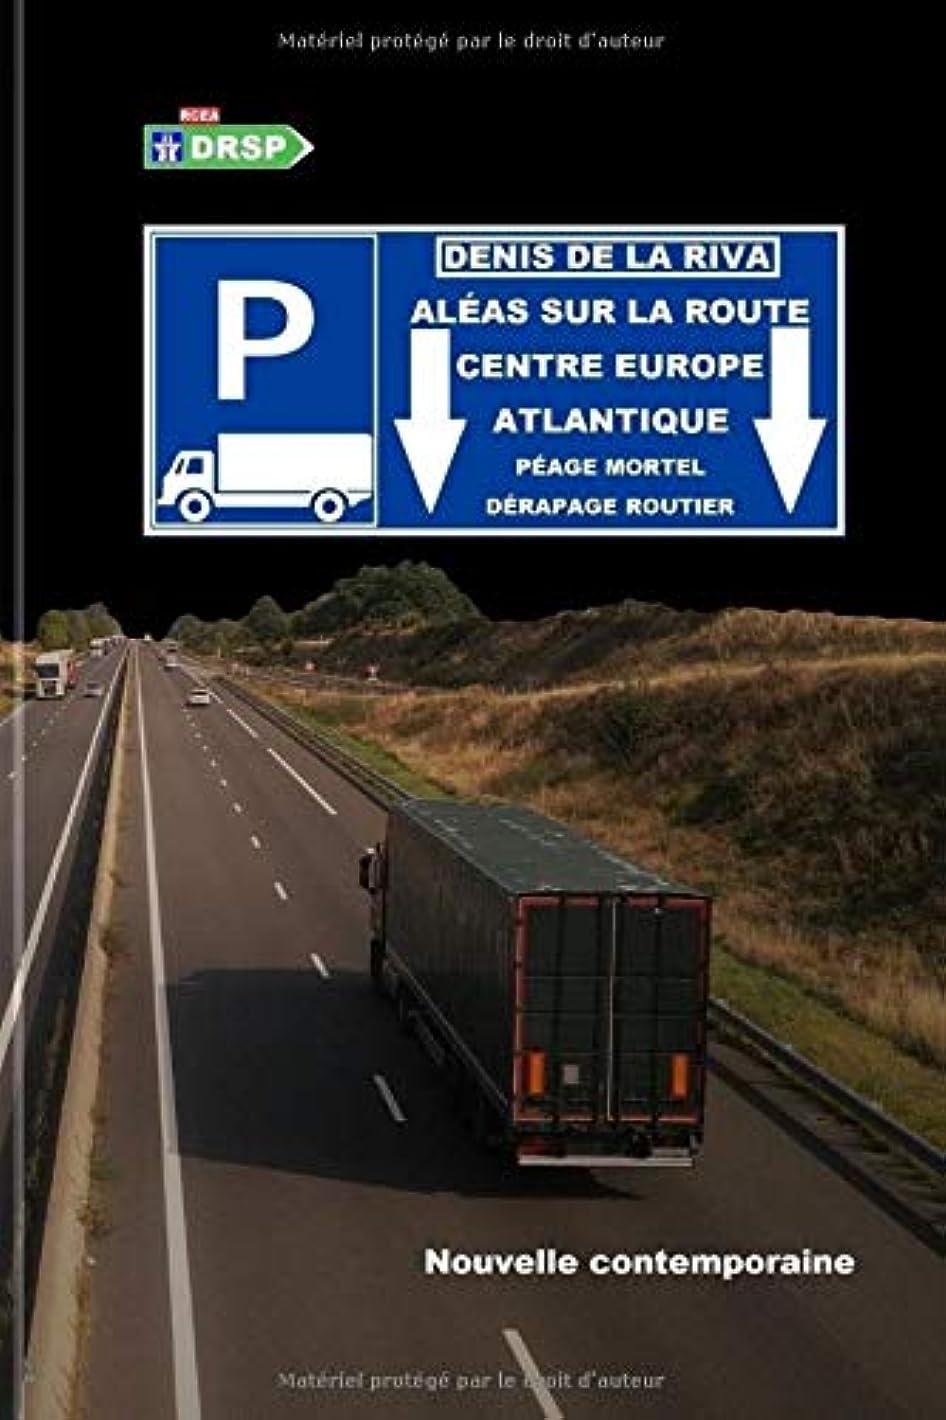 またねジャンクション素晴らしさAléas sur la Route Centre Europe Atlantique: Péage mortel - Dérapage routier